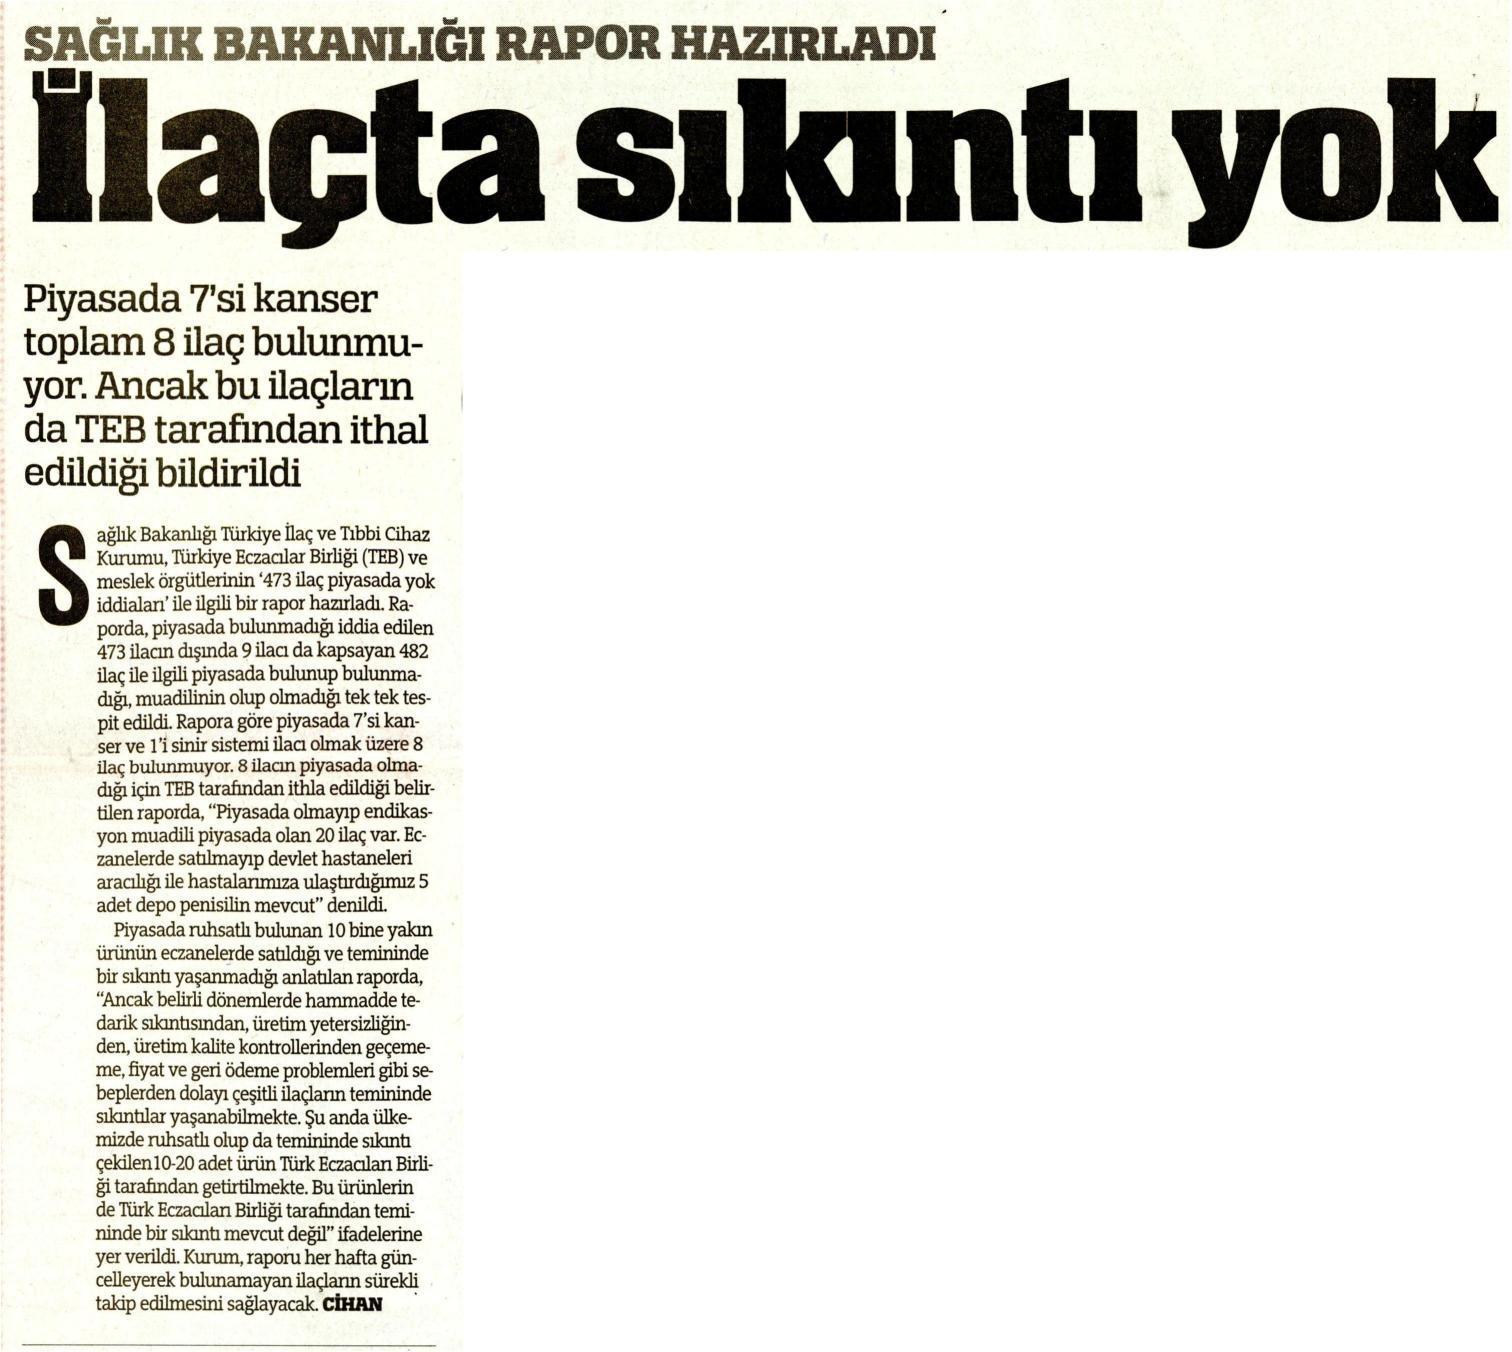 ilacta-sikinti-yok-17-02-2014-27122018173824